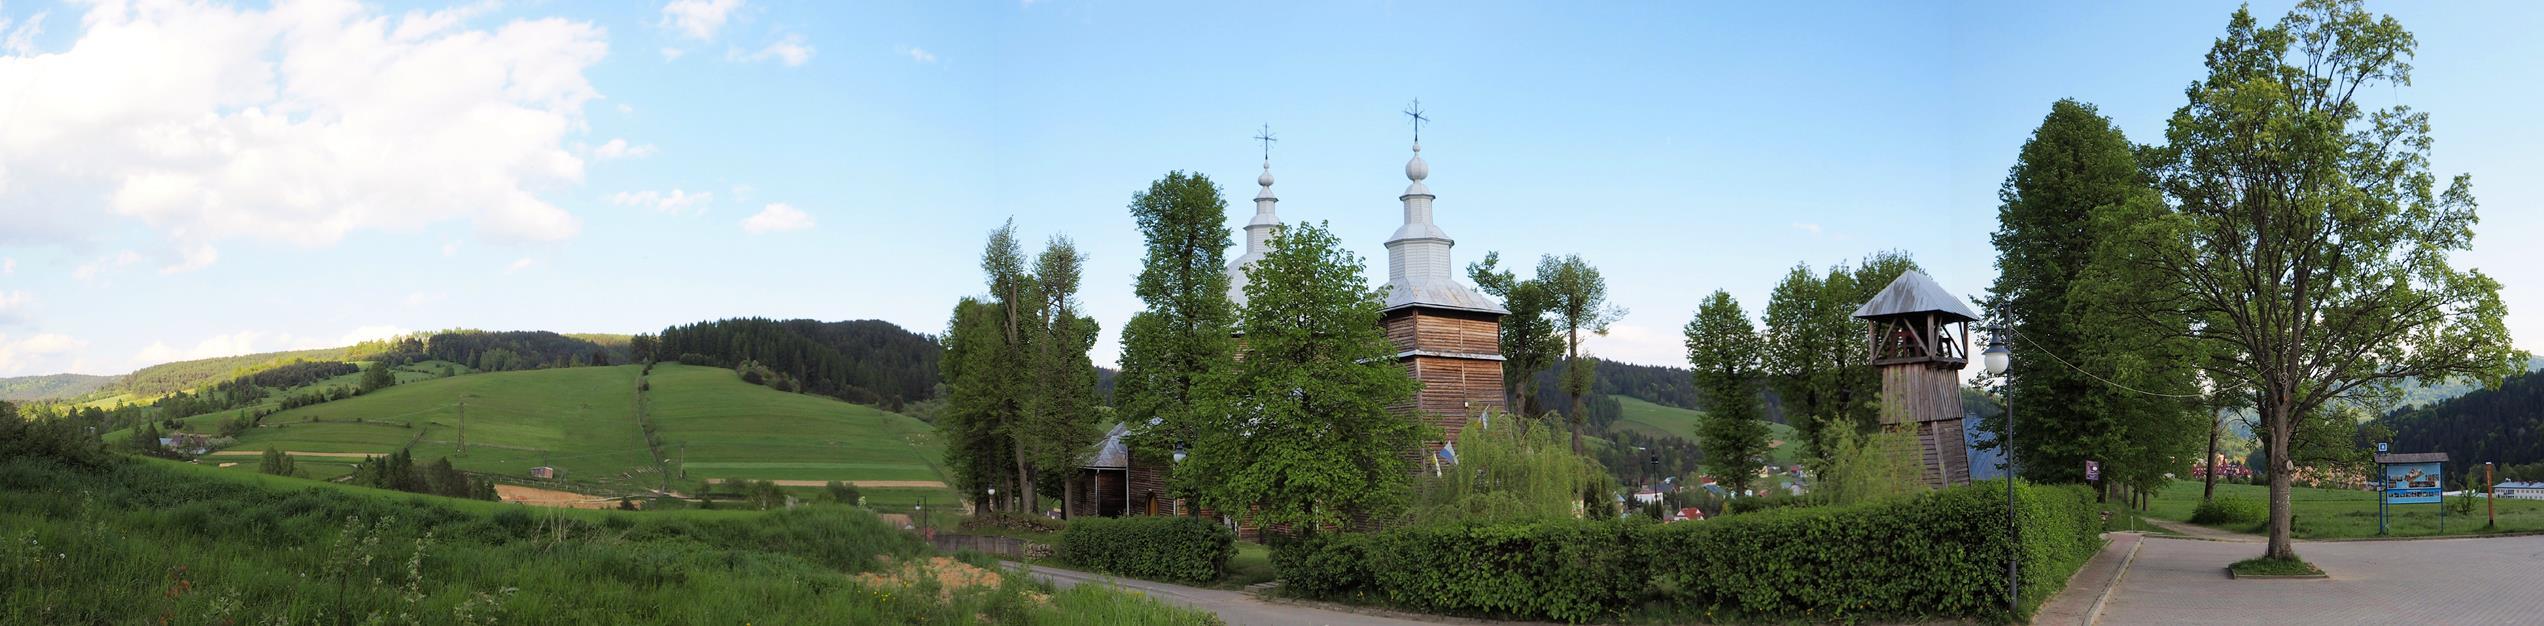 Spod cerkwi rozpościera się ciekawy widok na Muszynę i Złockie.